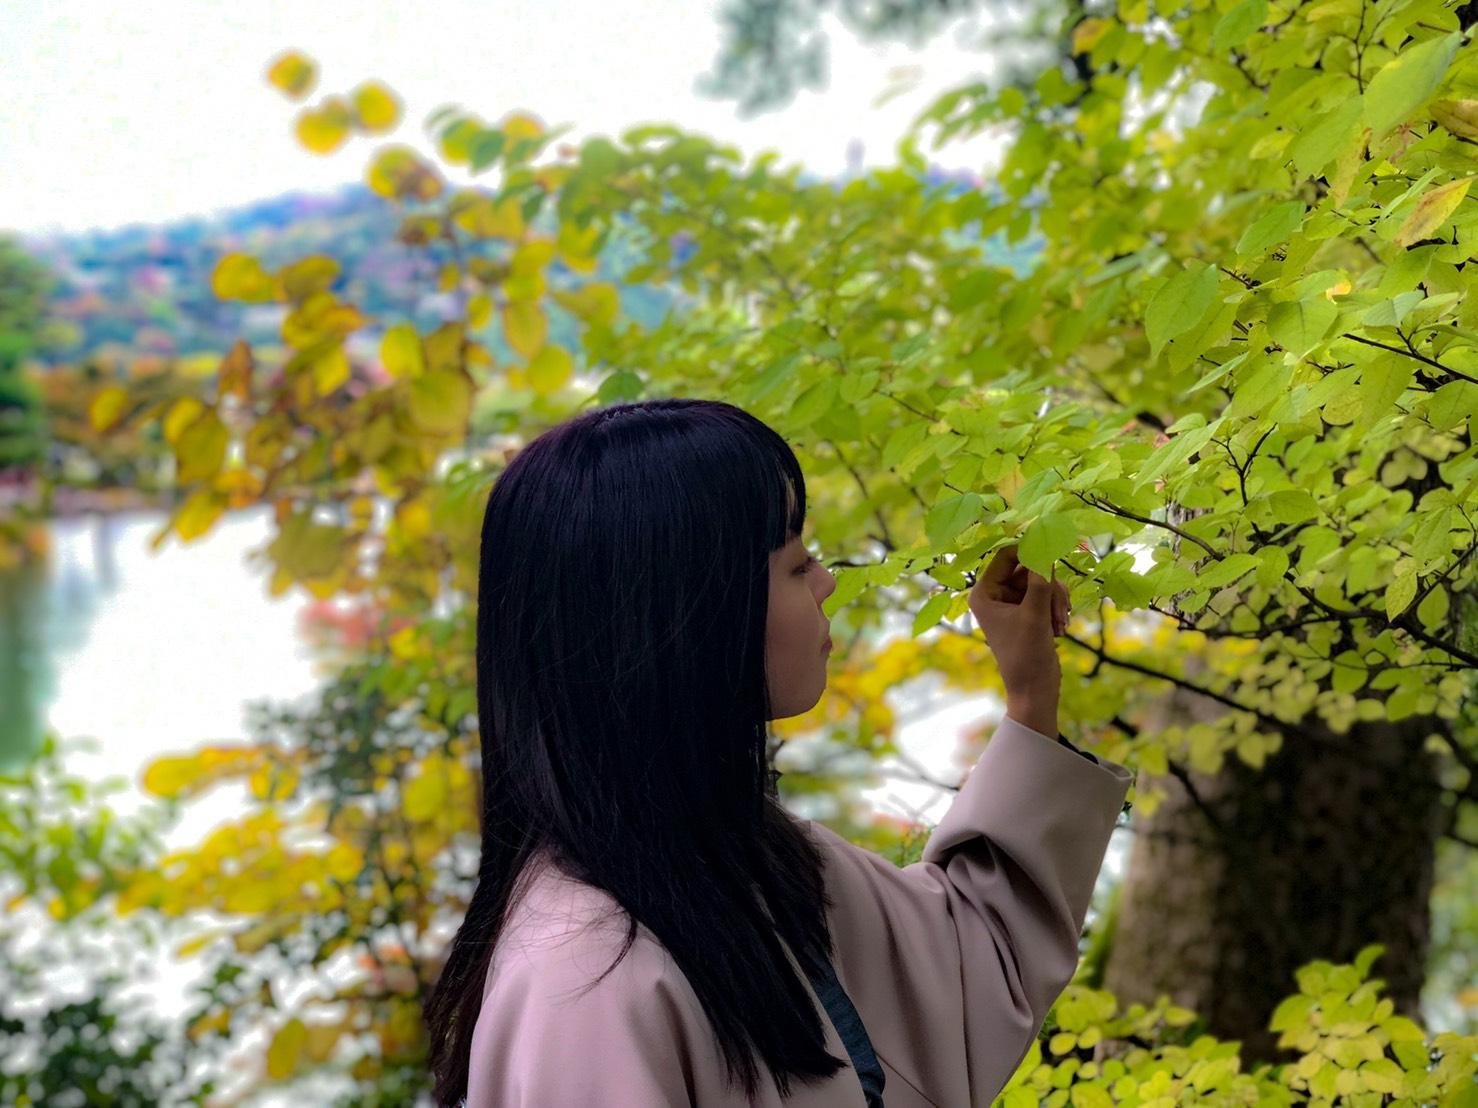 【金沢ぶらり旅】秋の兼六園を満喫♡東京から1泊2日でオトナな休日_2